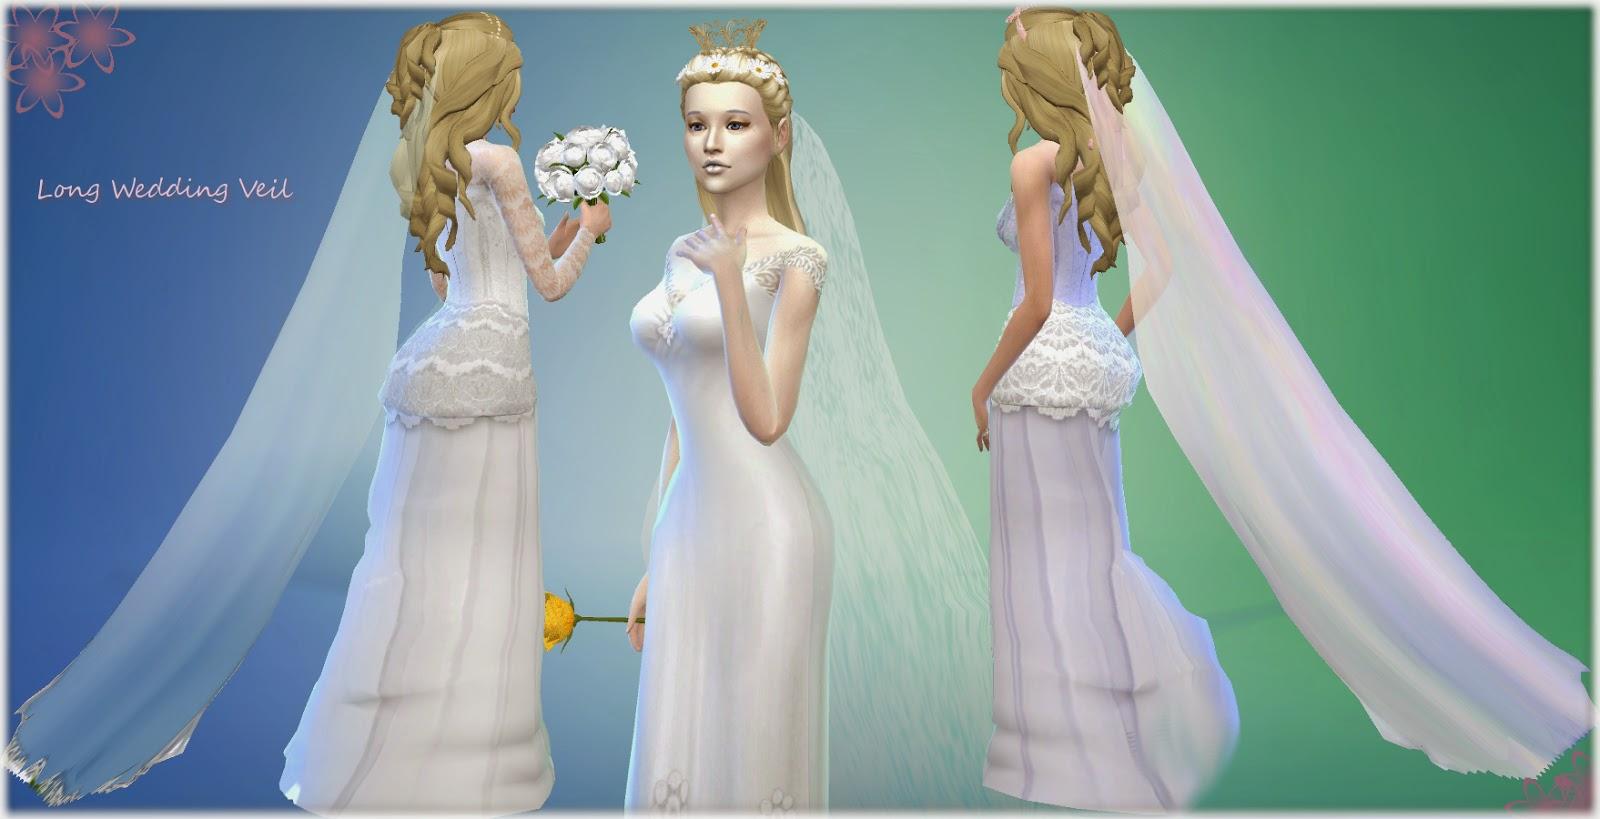 Mythical Dreams Sims 4 Long Wedding Veil